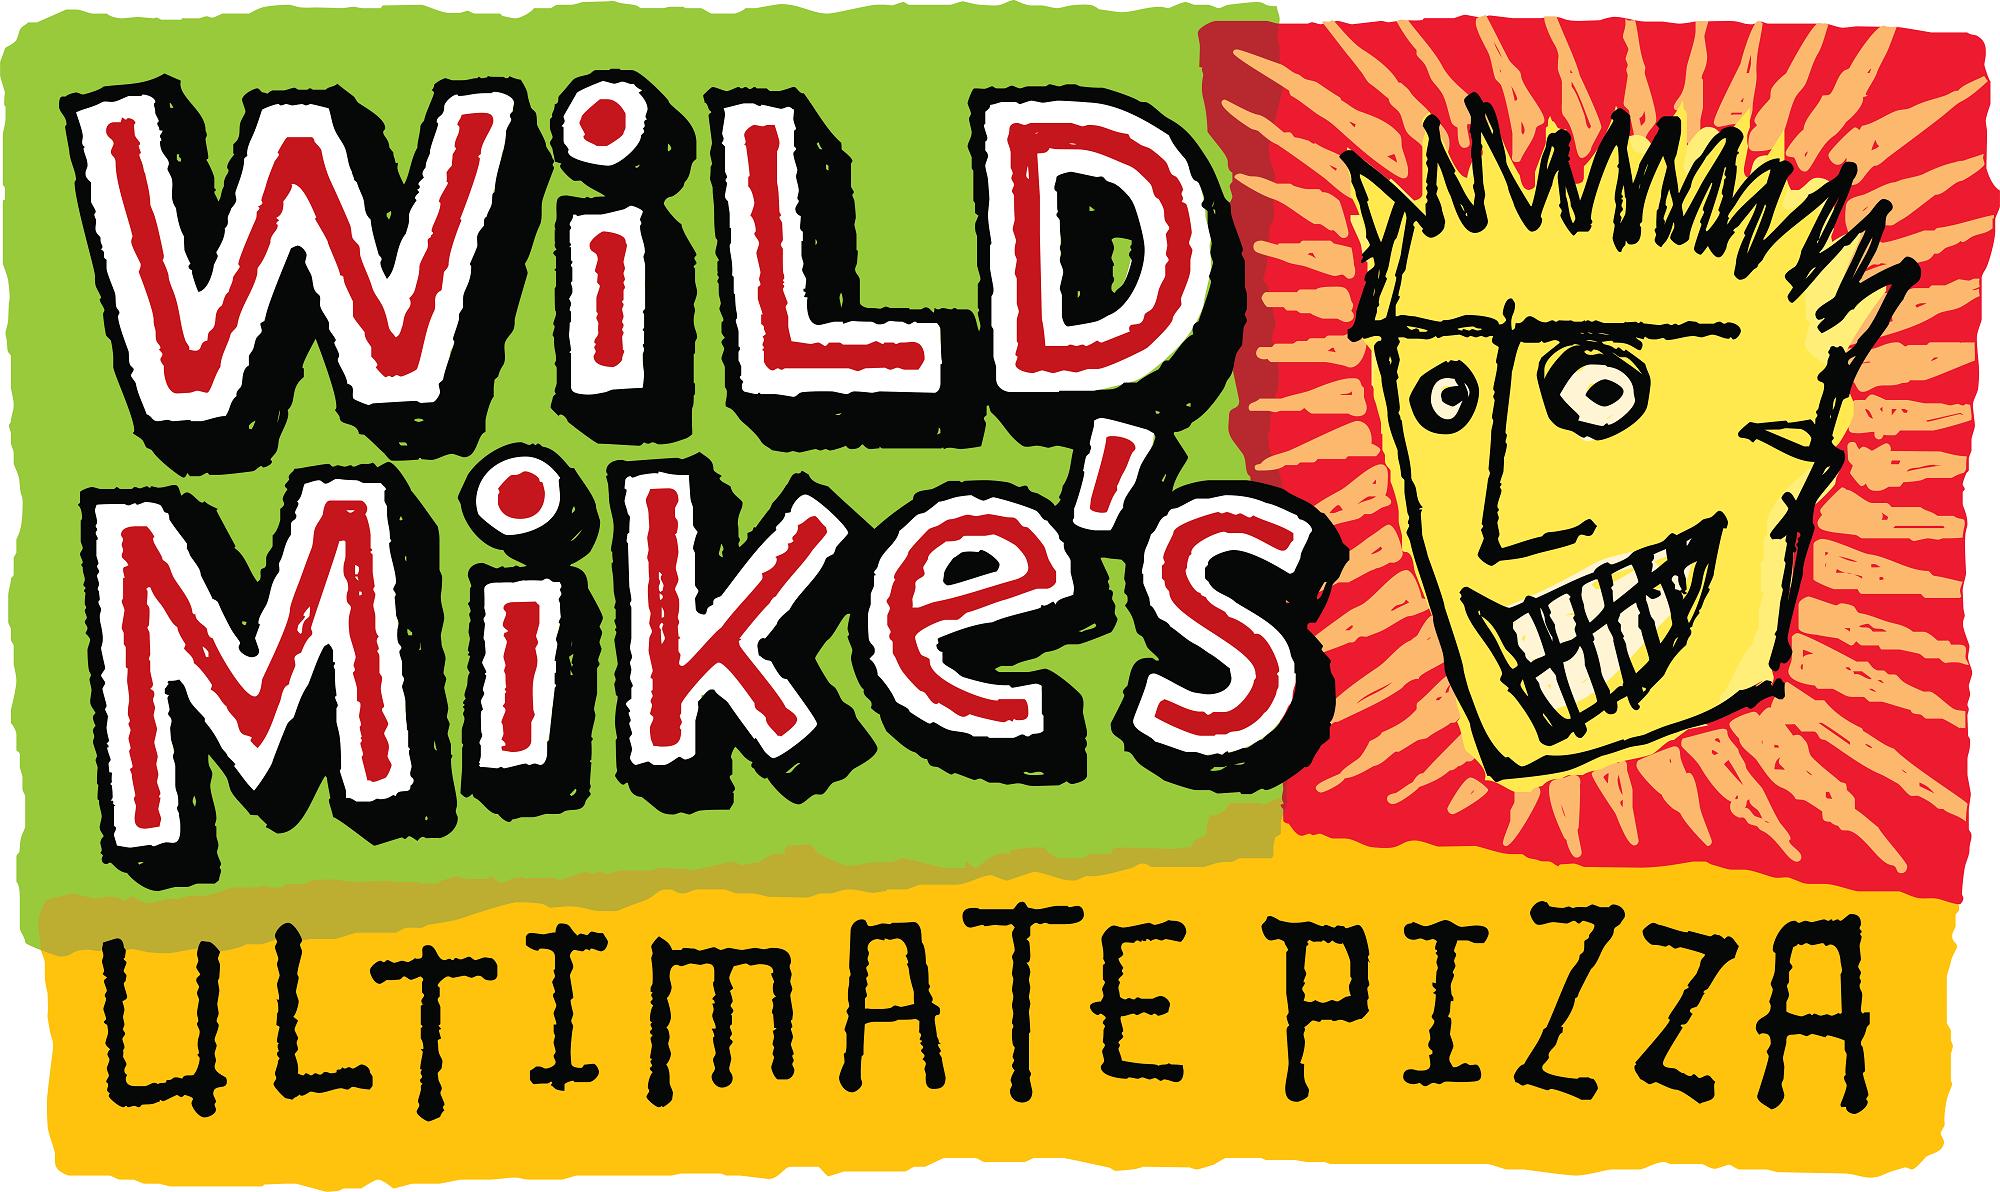 Wild Mikes Pizza logo